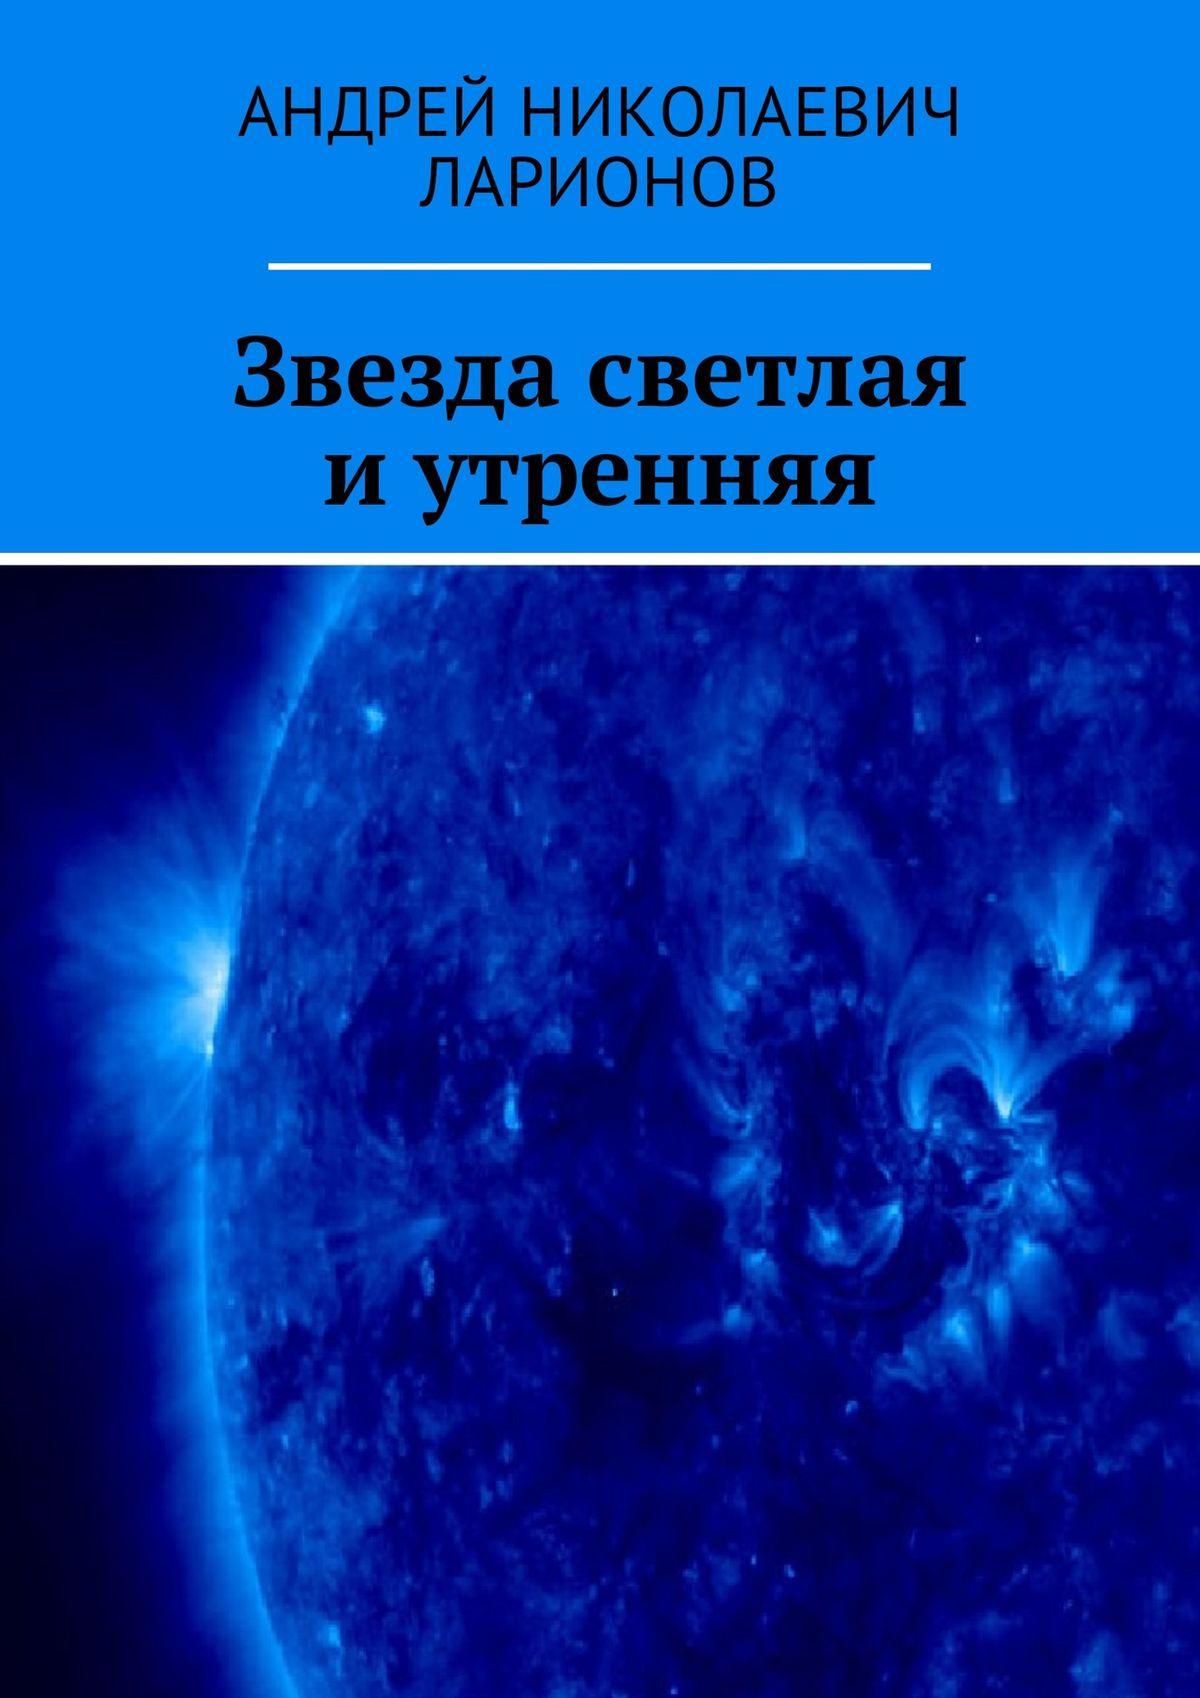 Андрей Николаевич Ларионов Звезда светлая иутренняя основы общей психологии isbn 978 5 4461 1063 6